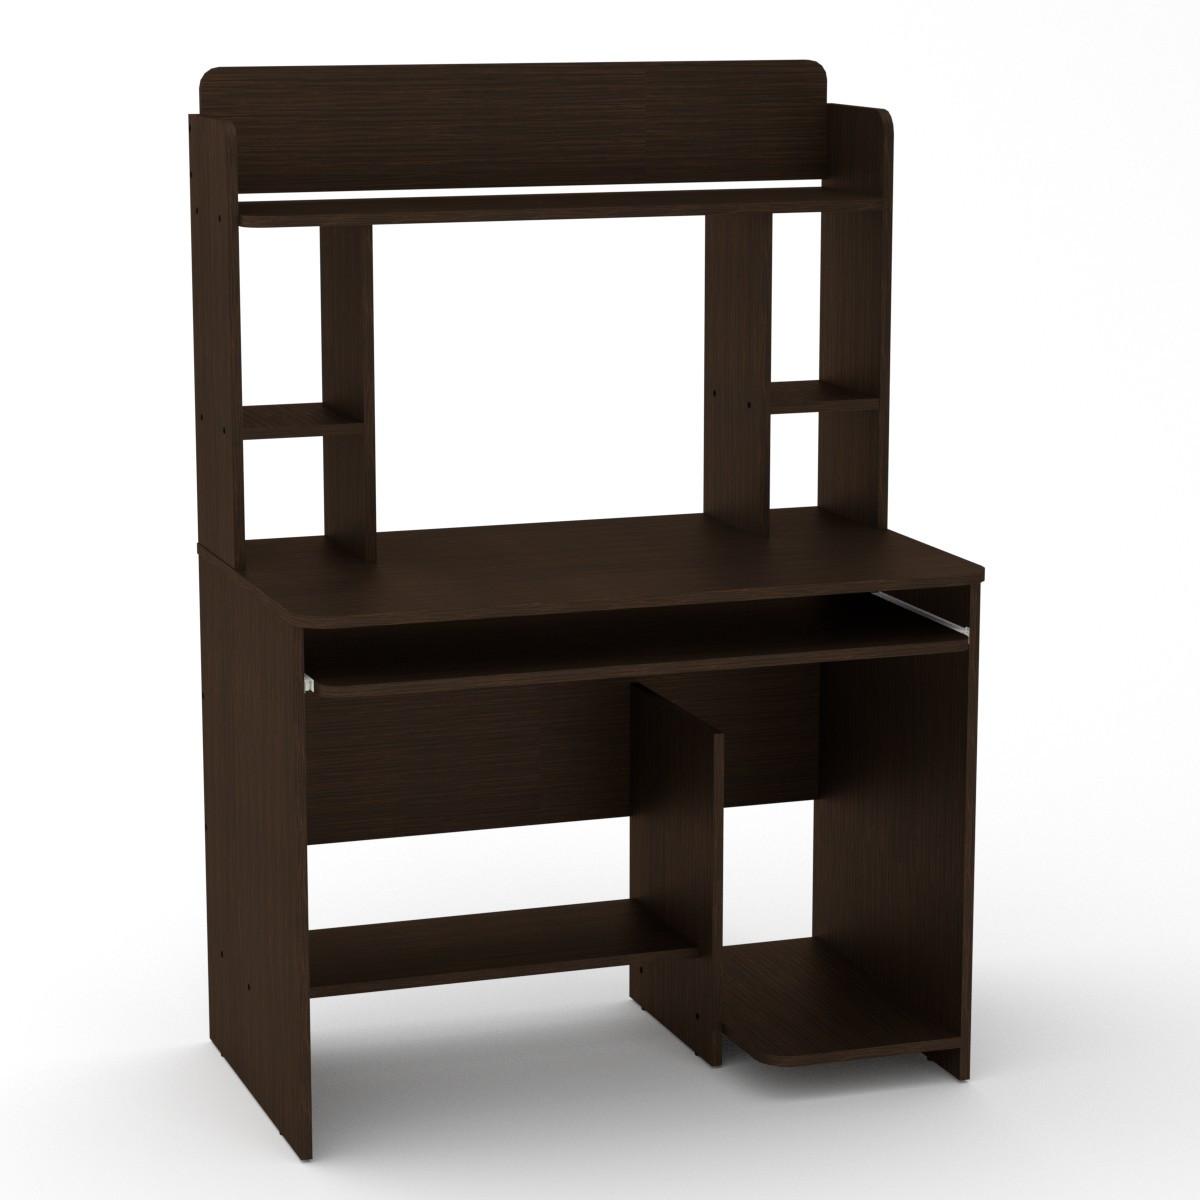 Стол компьютерный СКМ-6 венге темный Компанит (100х60х144 см)